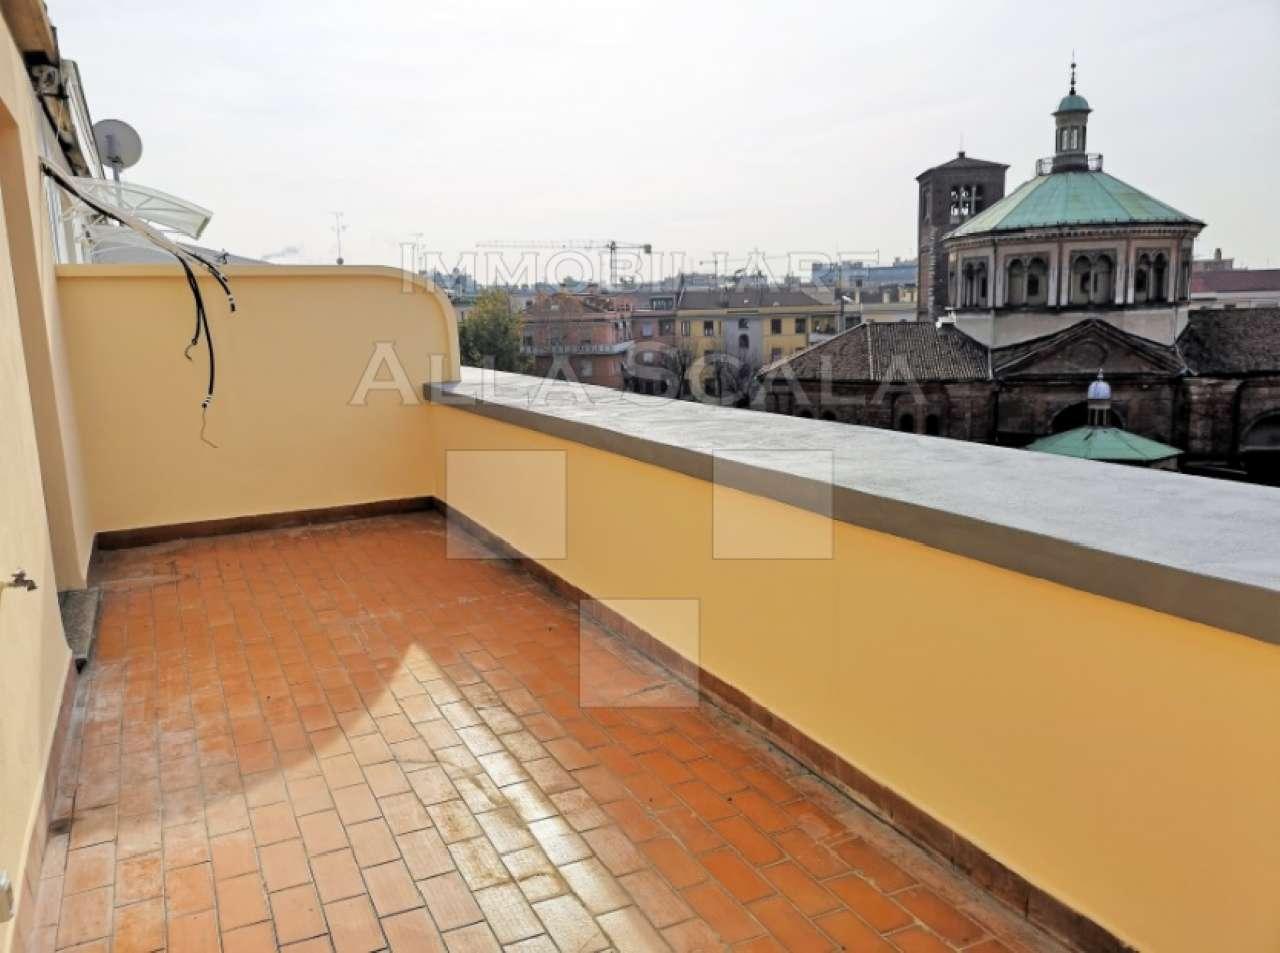 Attico in Affitto a Milano 06 Italia / Porta Romana / Bocconi / Lodi: 3 locali, 90 mq